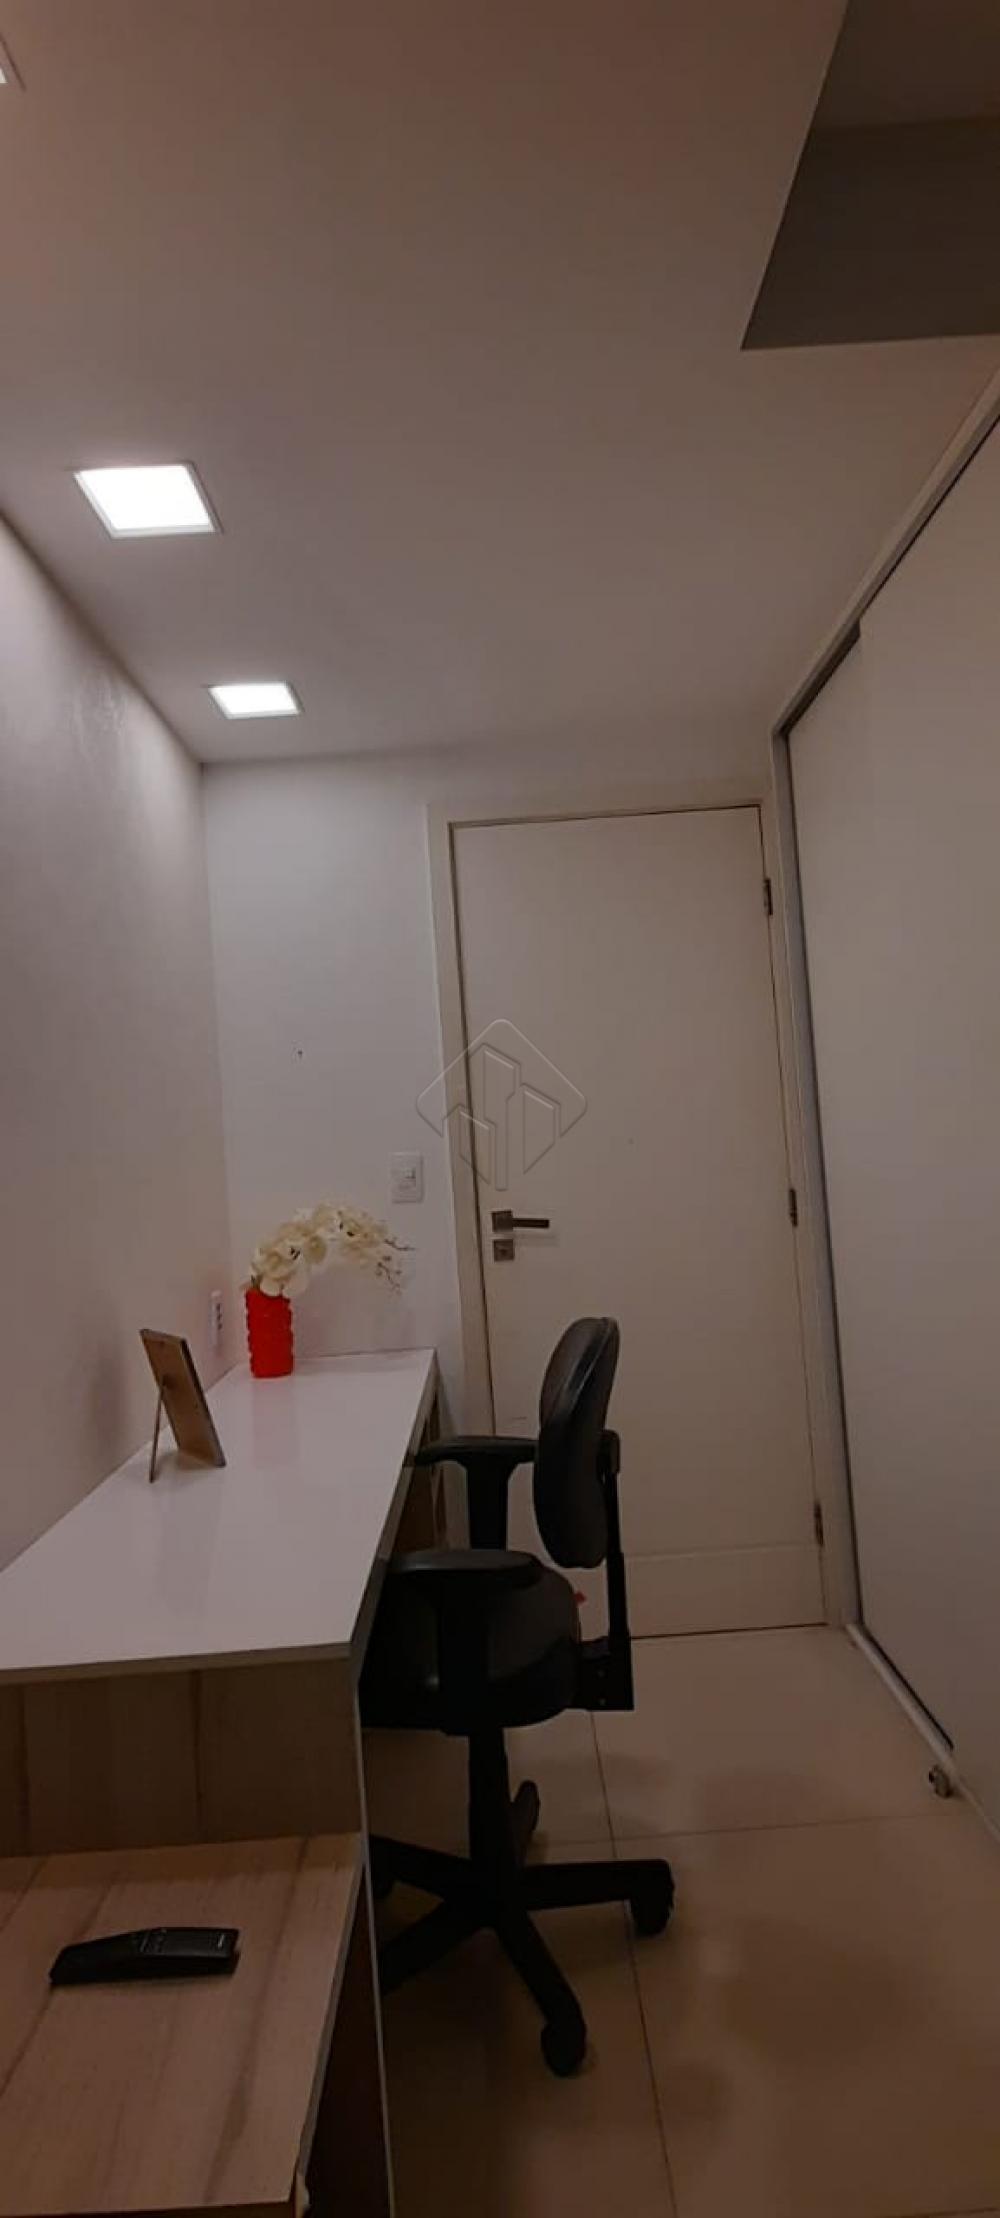 Apartamento localizado no Bairro do Brisamar,  no Edifício Holanda's Garden Place, edifício de alto padrão com mais de 650 m² com área de lazer completa, se você procura conforto, lazer , diversão e contato com a natureza, esse é o lugar perfeito para morar.  O Apartamento conta com:  - 172 m² - Sala ampla de 55 m² -Varanda de inverno - 3 Suítes, sendo uma master com closet - WC Social - Cozinha - Copa - Dispensa - DCE - Hall privativo - 3 vagas de garagem  o condomínio possui:  - Piscina adulto térmica com deck molhado - Piscina infantil - Espaço gourmet - Bar - Churrasqueira - Salão de festas - Sala de Música - Sala de Cinema - Salão de jogos com Lan House - Brinquedoteca - Playground - Praça - Espaço Leitura/Relax - Sala de estudos - Spa com sala de massagem - Sauna - Hidromassagem - Espaço Fitness - Pista de Cooper -  Quadra poliesportiva  Marque agora mesmo uma visita e aproveite os melhores momentos com a sua família de casa nova!  AGENDE AGORA SUA VISITA TEIXEIRA DE CARVALHO IMOBILIÁRIA CRECI 304J - (83) 2106-4545